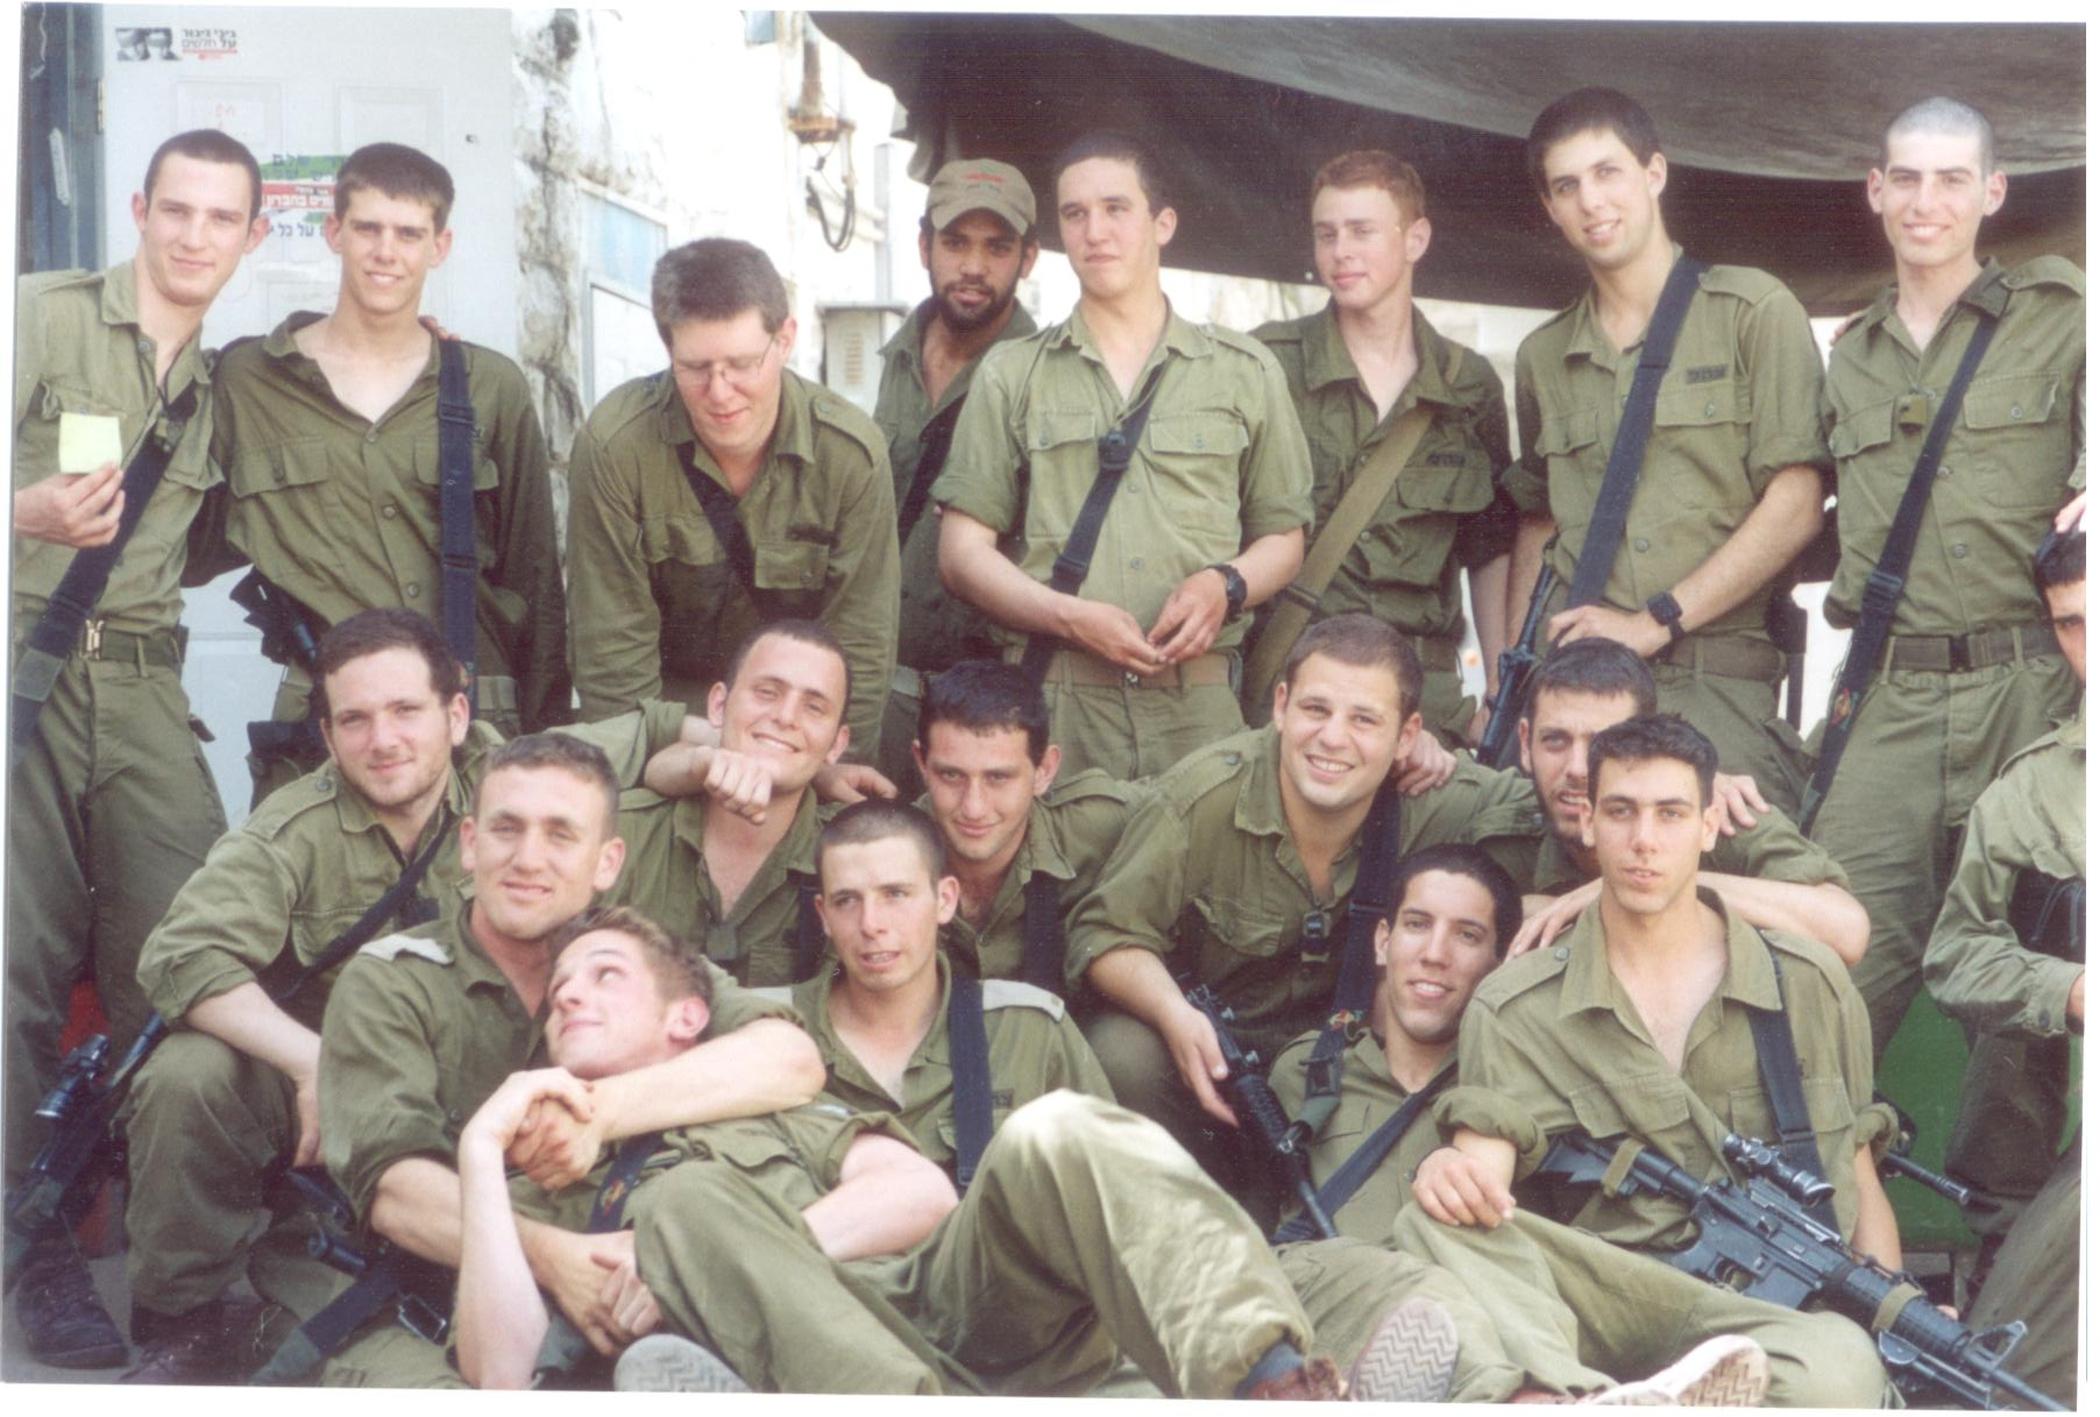 Żołnierze (fot. Jehuda Szaul)